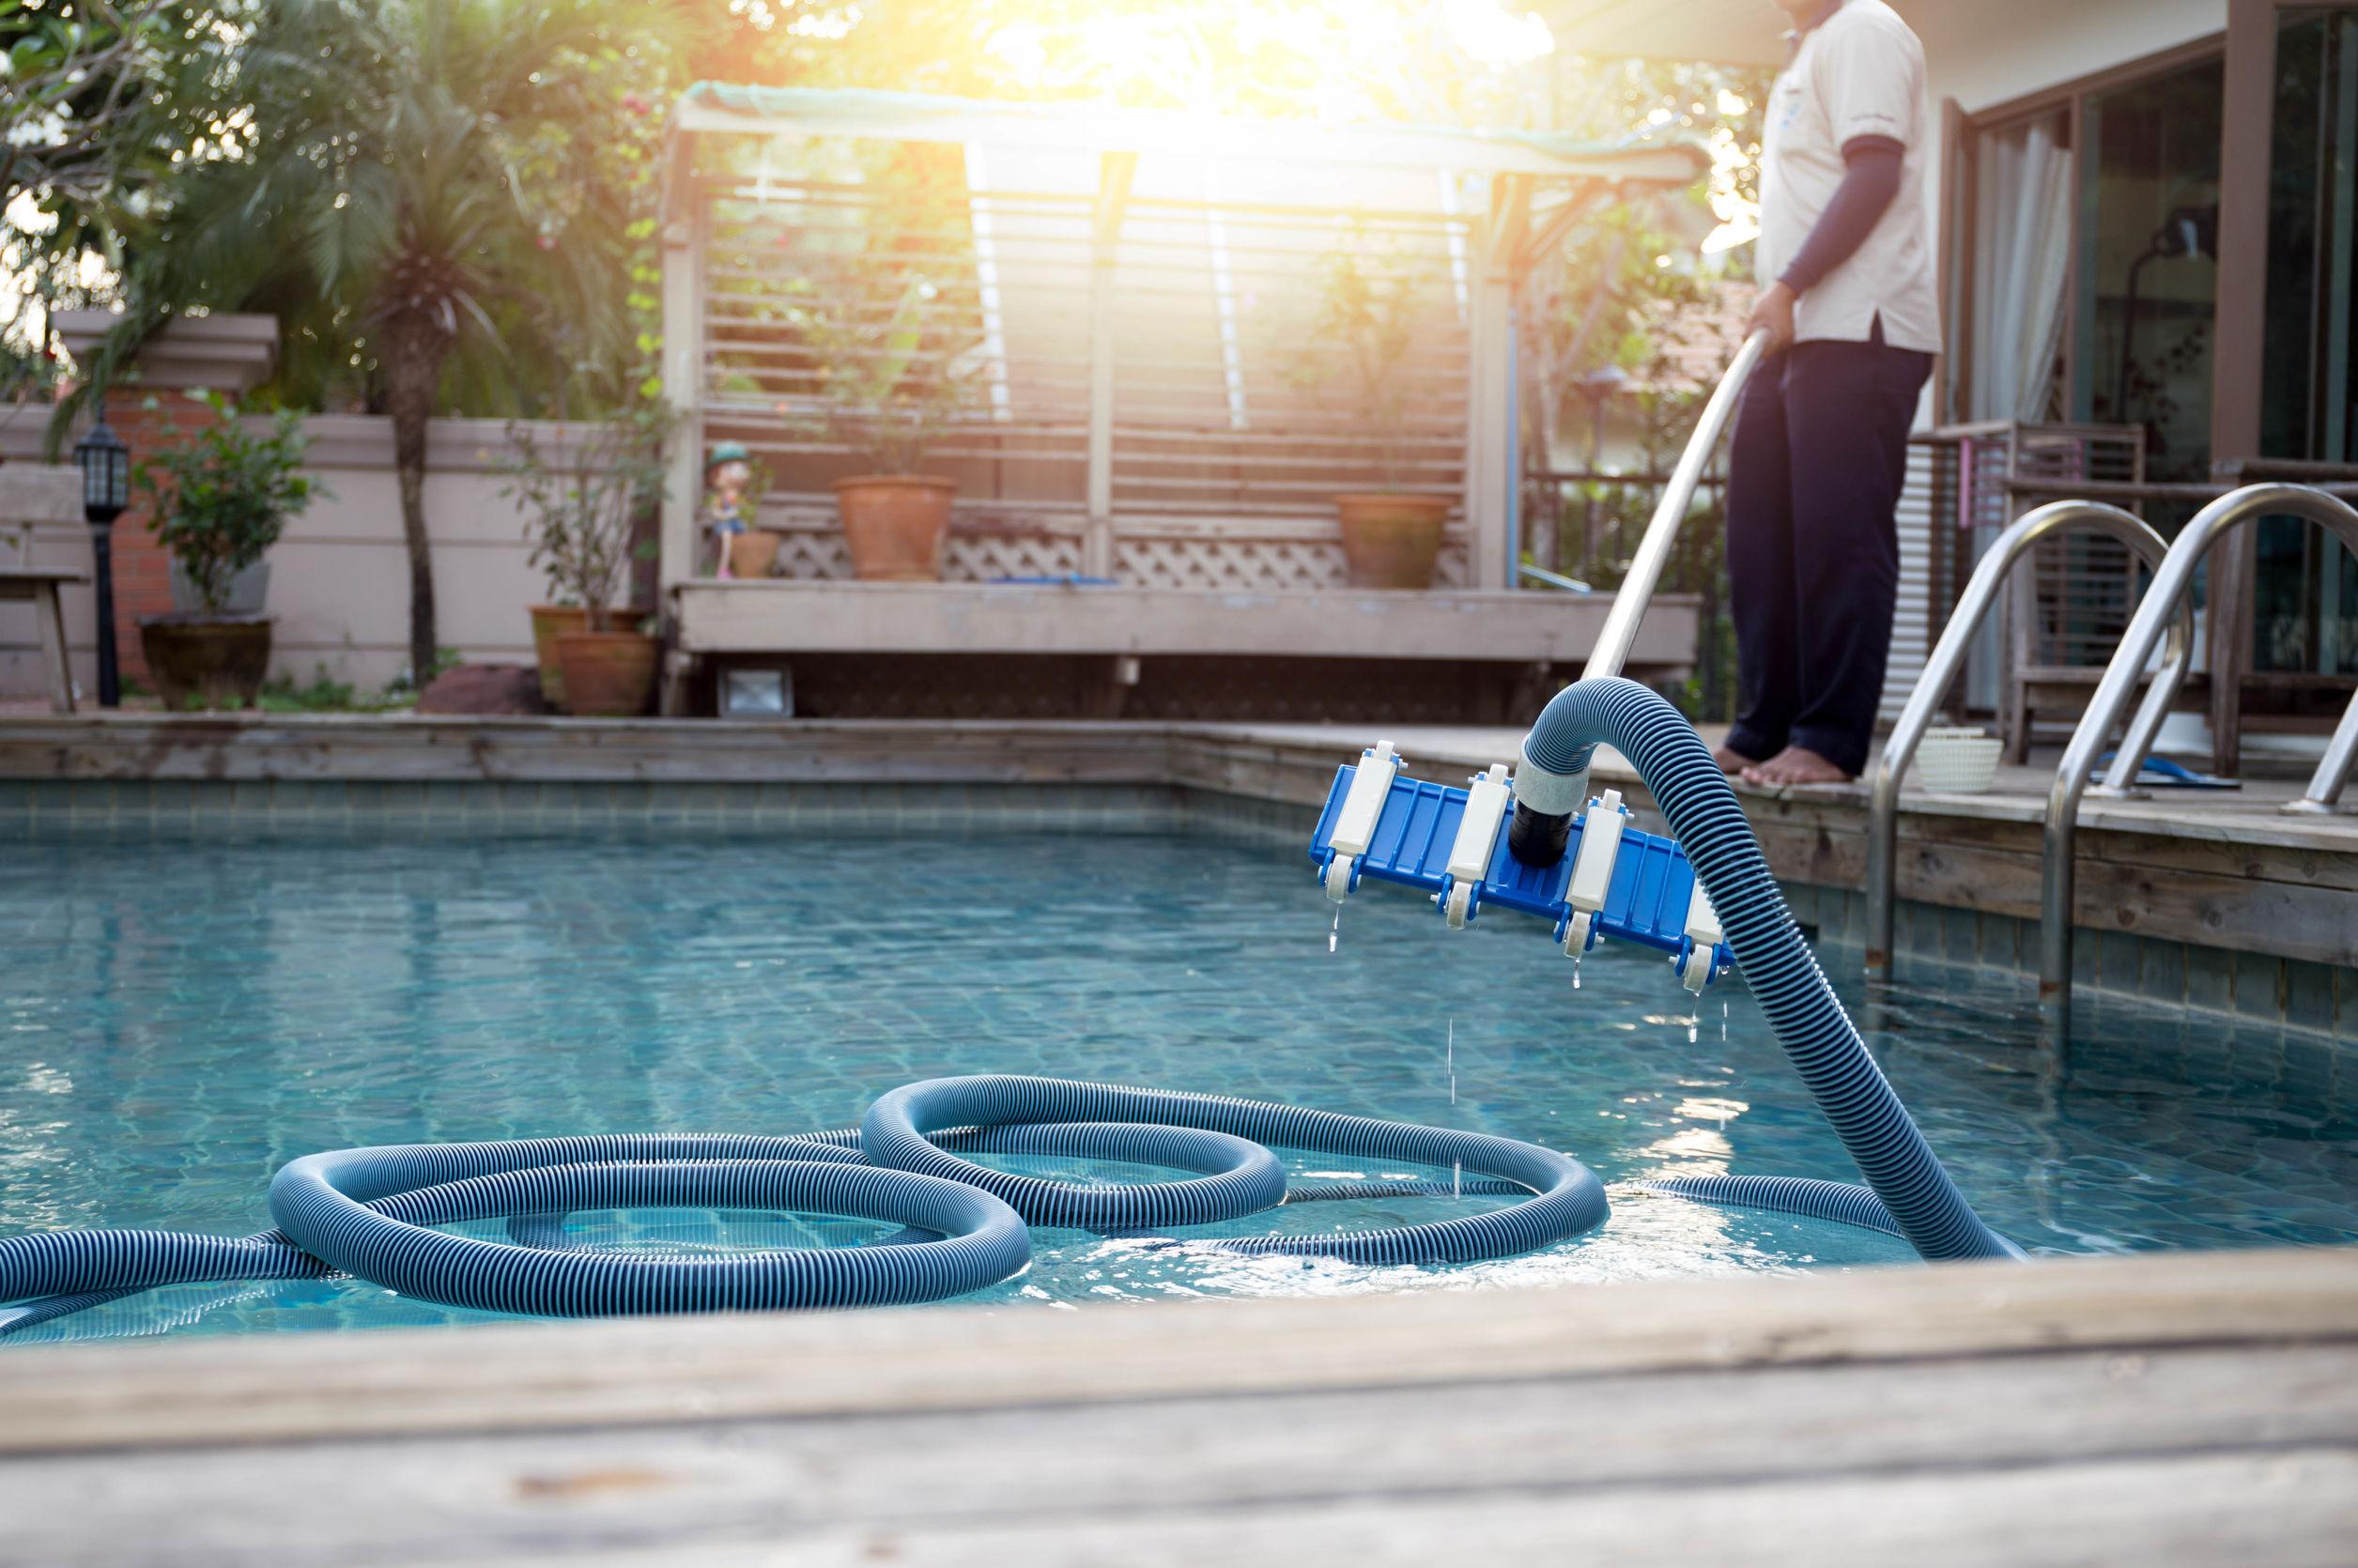 Llega la primavera, tiempo de poner a punto la piscina